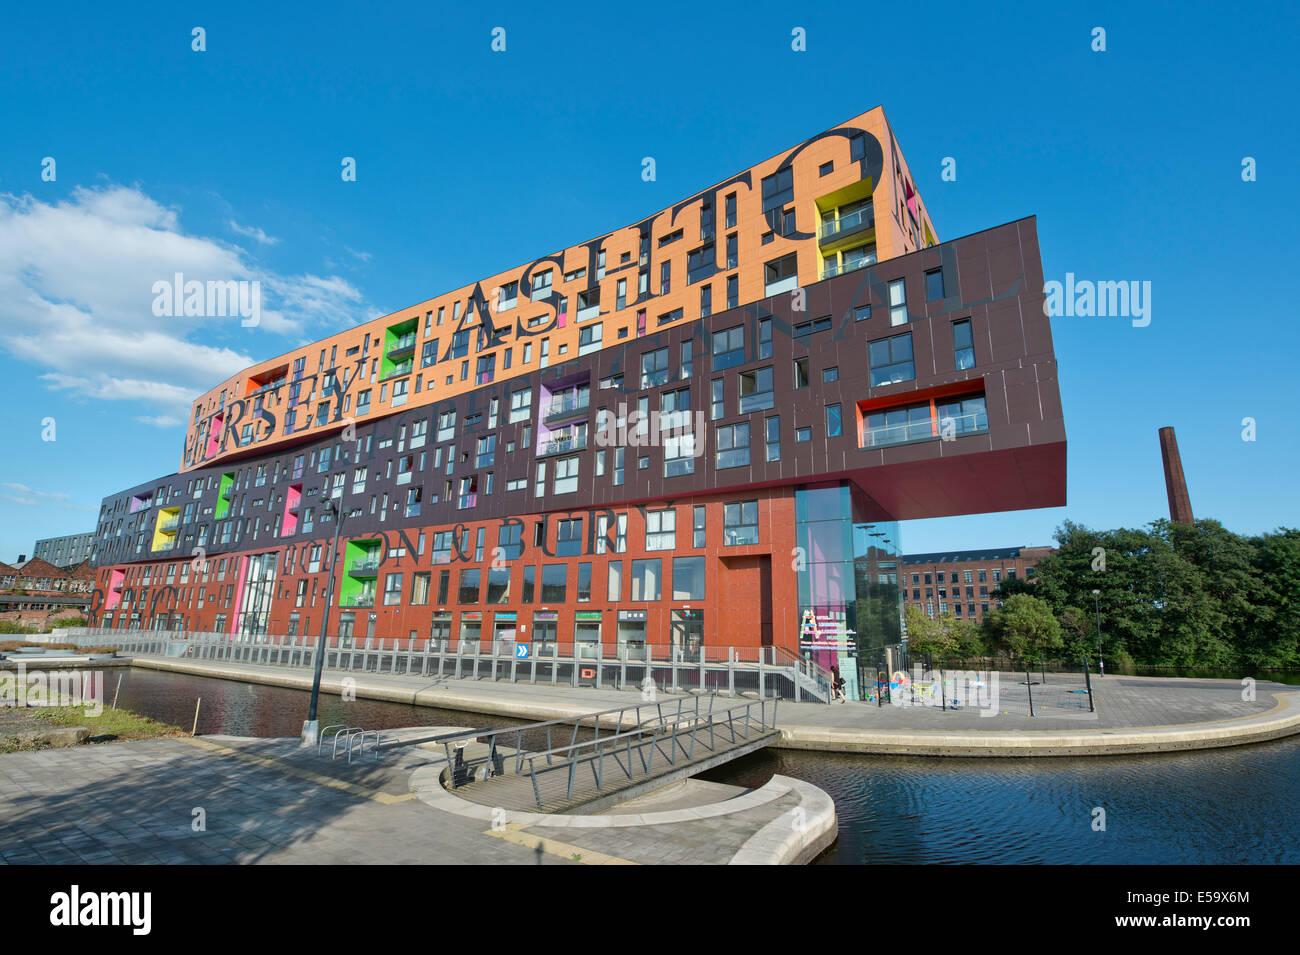 Die Chips postmodernen Wohngebäude von Will Alsop entworfen und im Besitz von Urban Splash, befindet sich im Stockbild